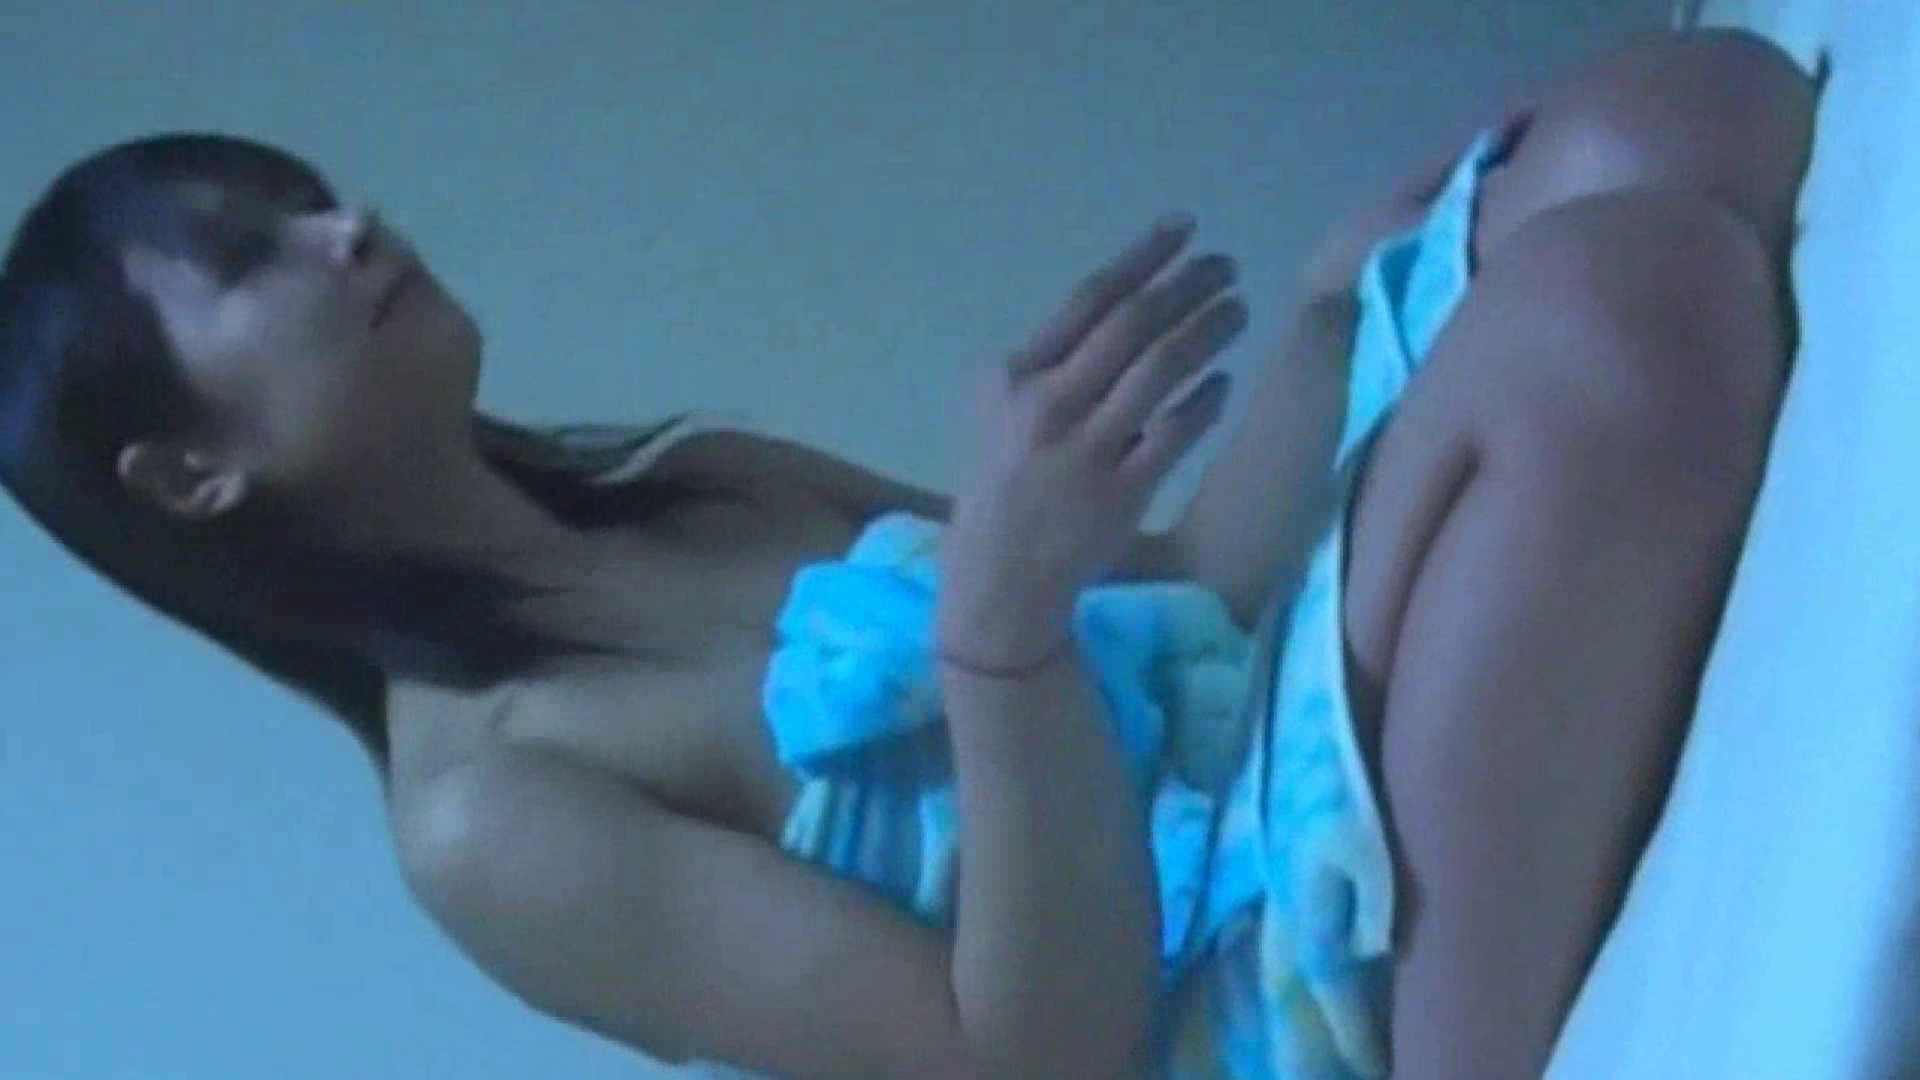 美女だらけのプライベートSEXvol.15前編 美女 セックス無修正動画無料 70枚 22